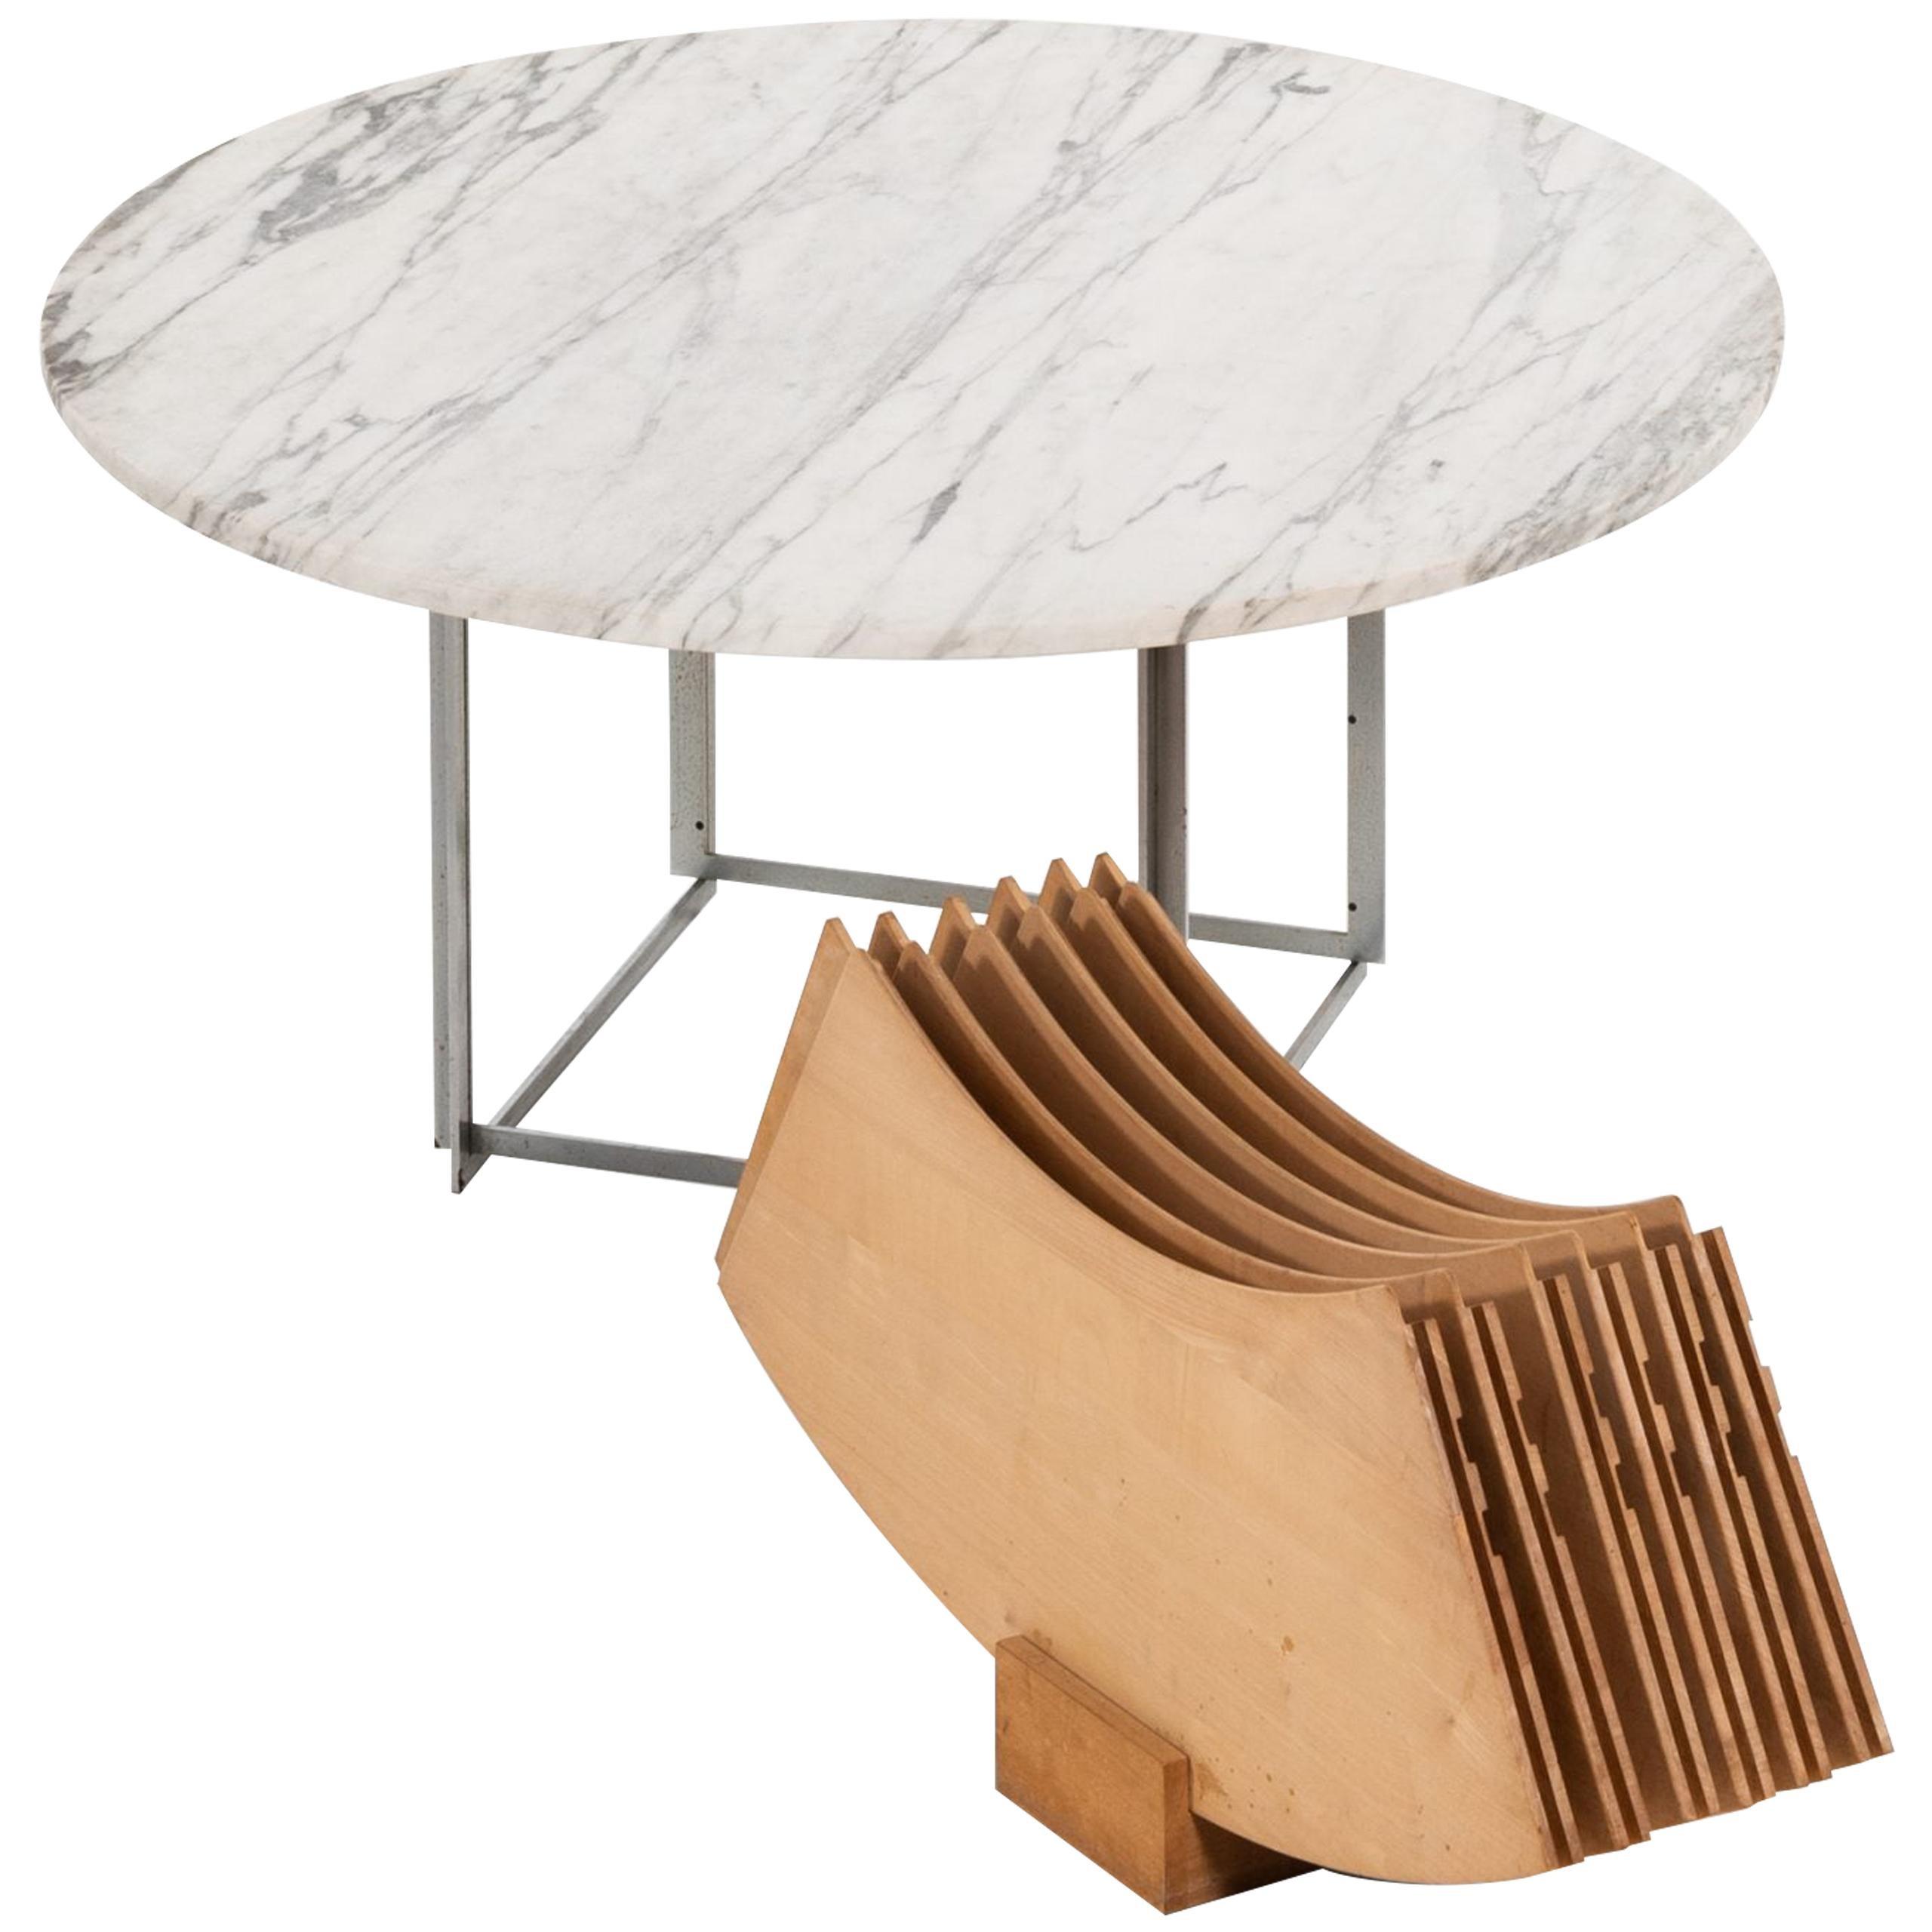 Poul Kjærholm Dining Table Model PK-54 by E. Kold Christensen in Denmark